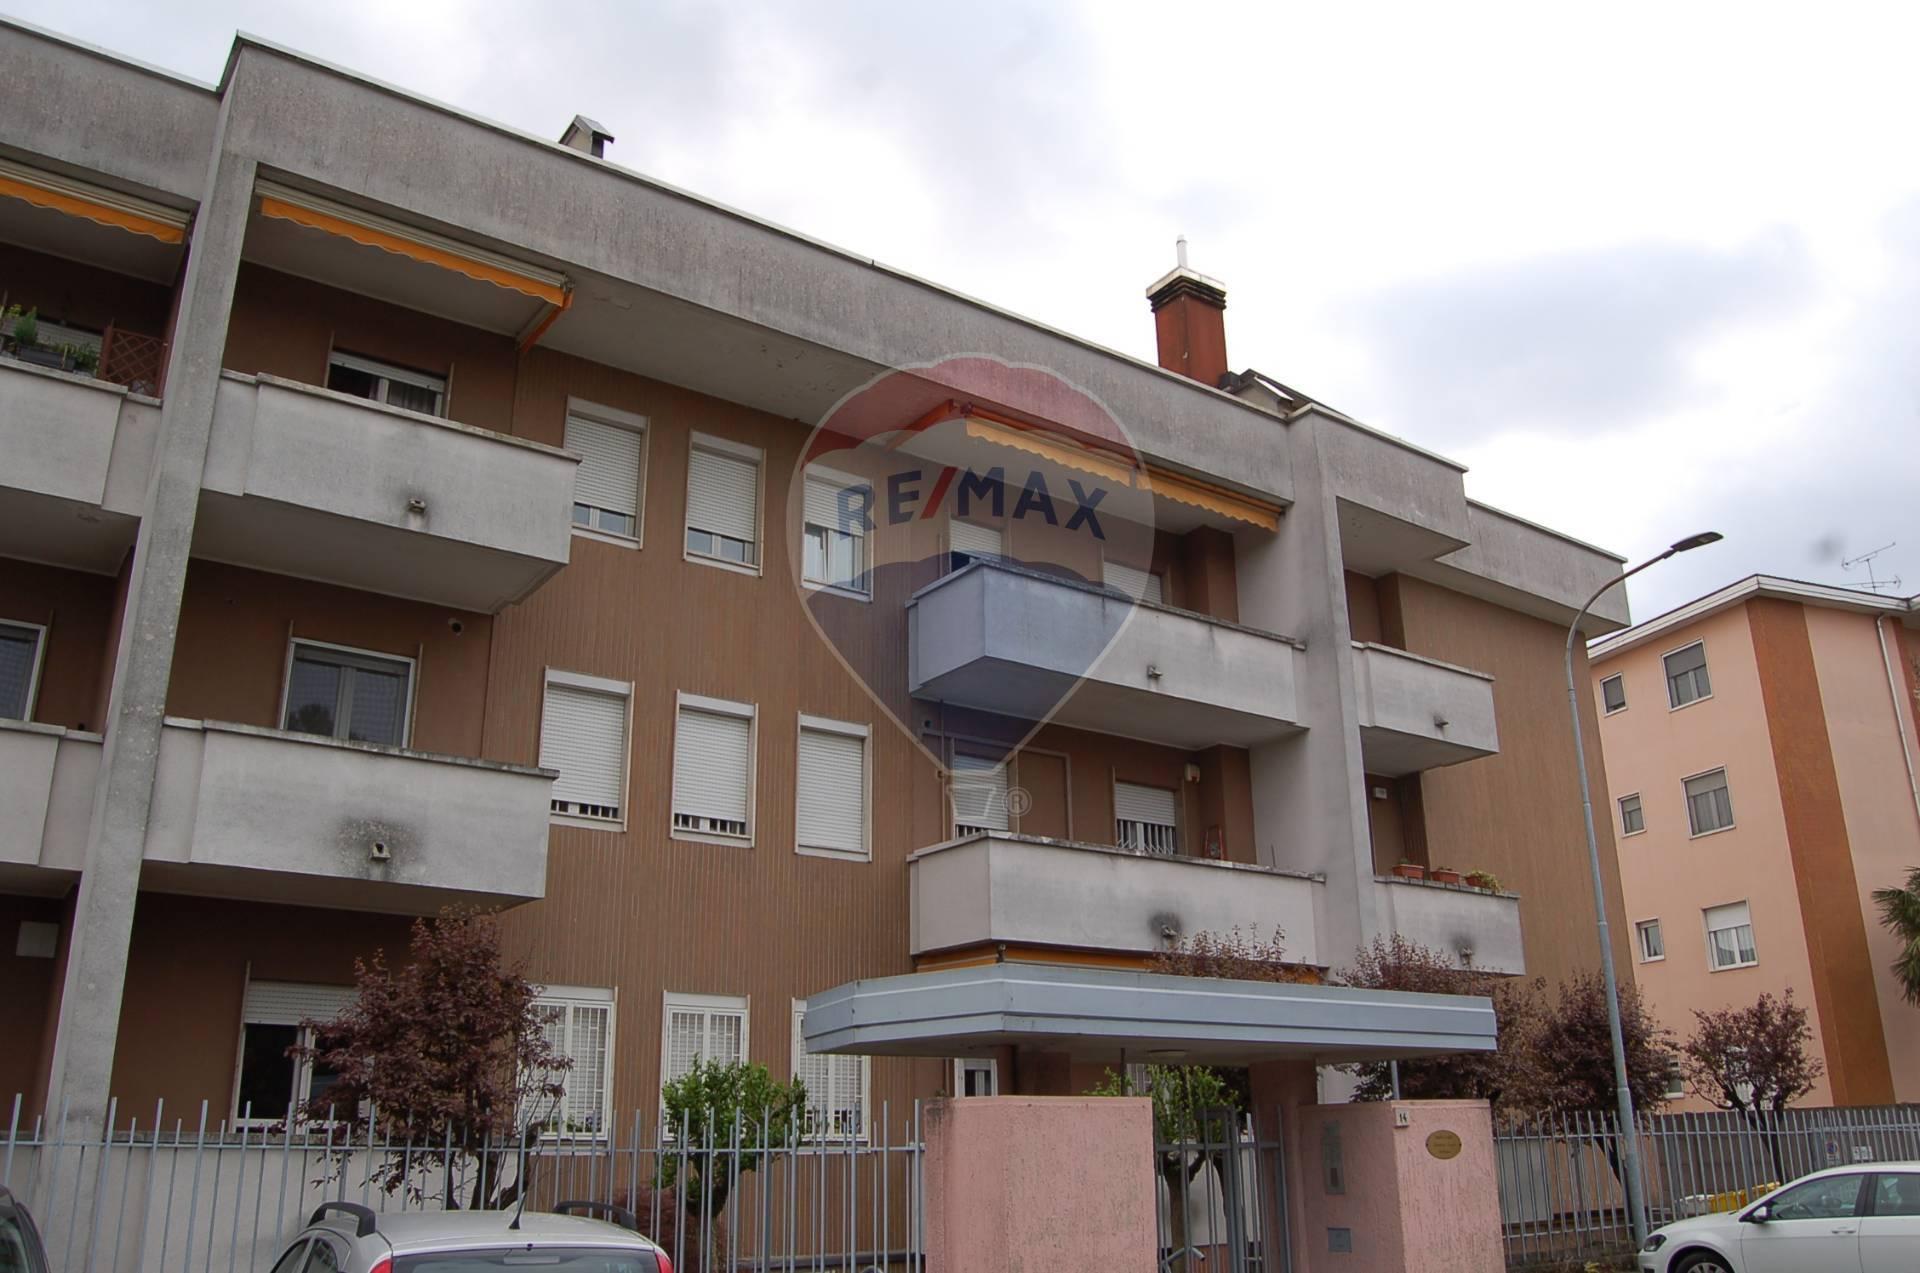 Appartamento in affitto a Rho, 2 locali, zona Località: ZonaSanPietro, prezzo € 7.200   CambioCasa.it